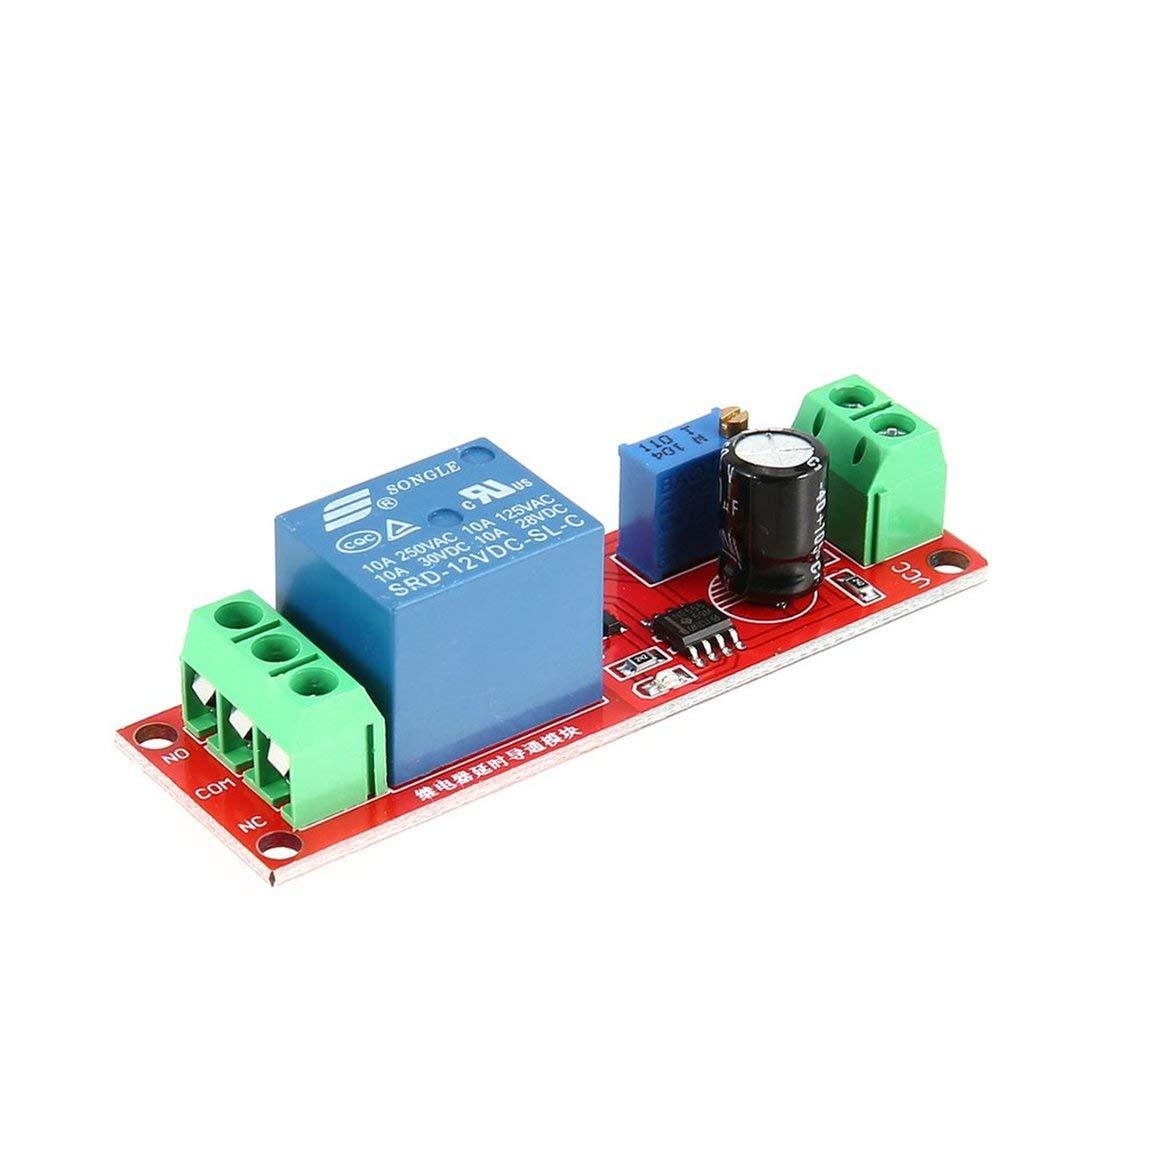 DC 12 V NE555 Retardo monoestable Rel/é Circuito M/ódulo Conductor Interruptor Temporizador Ajustable Time Shield Electr/ónica Arduino